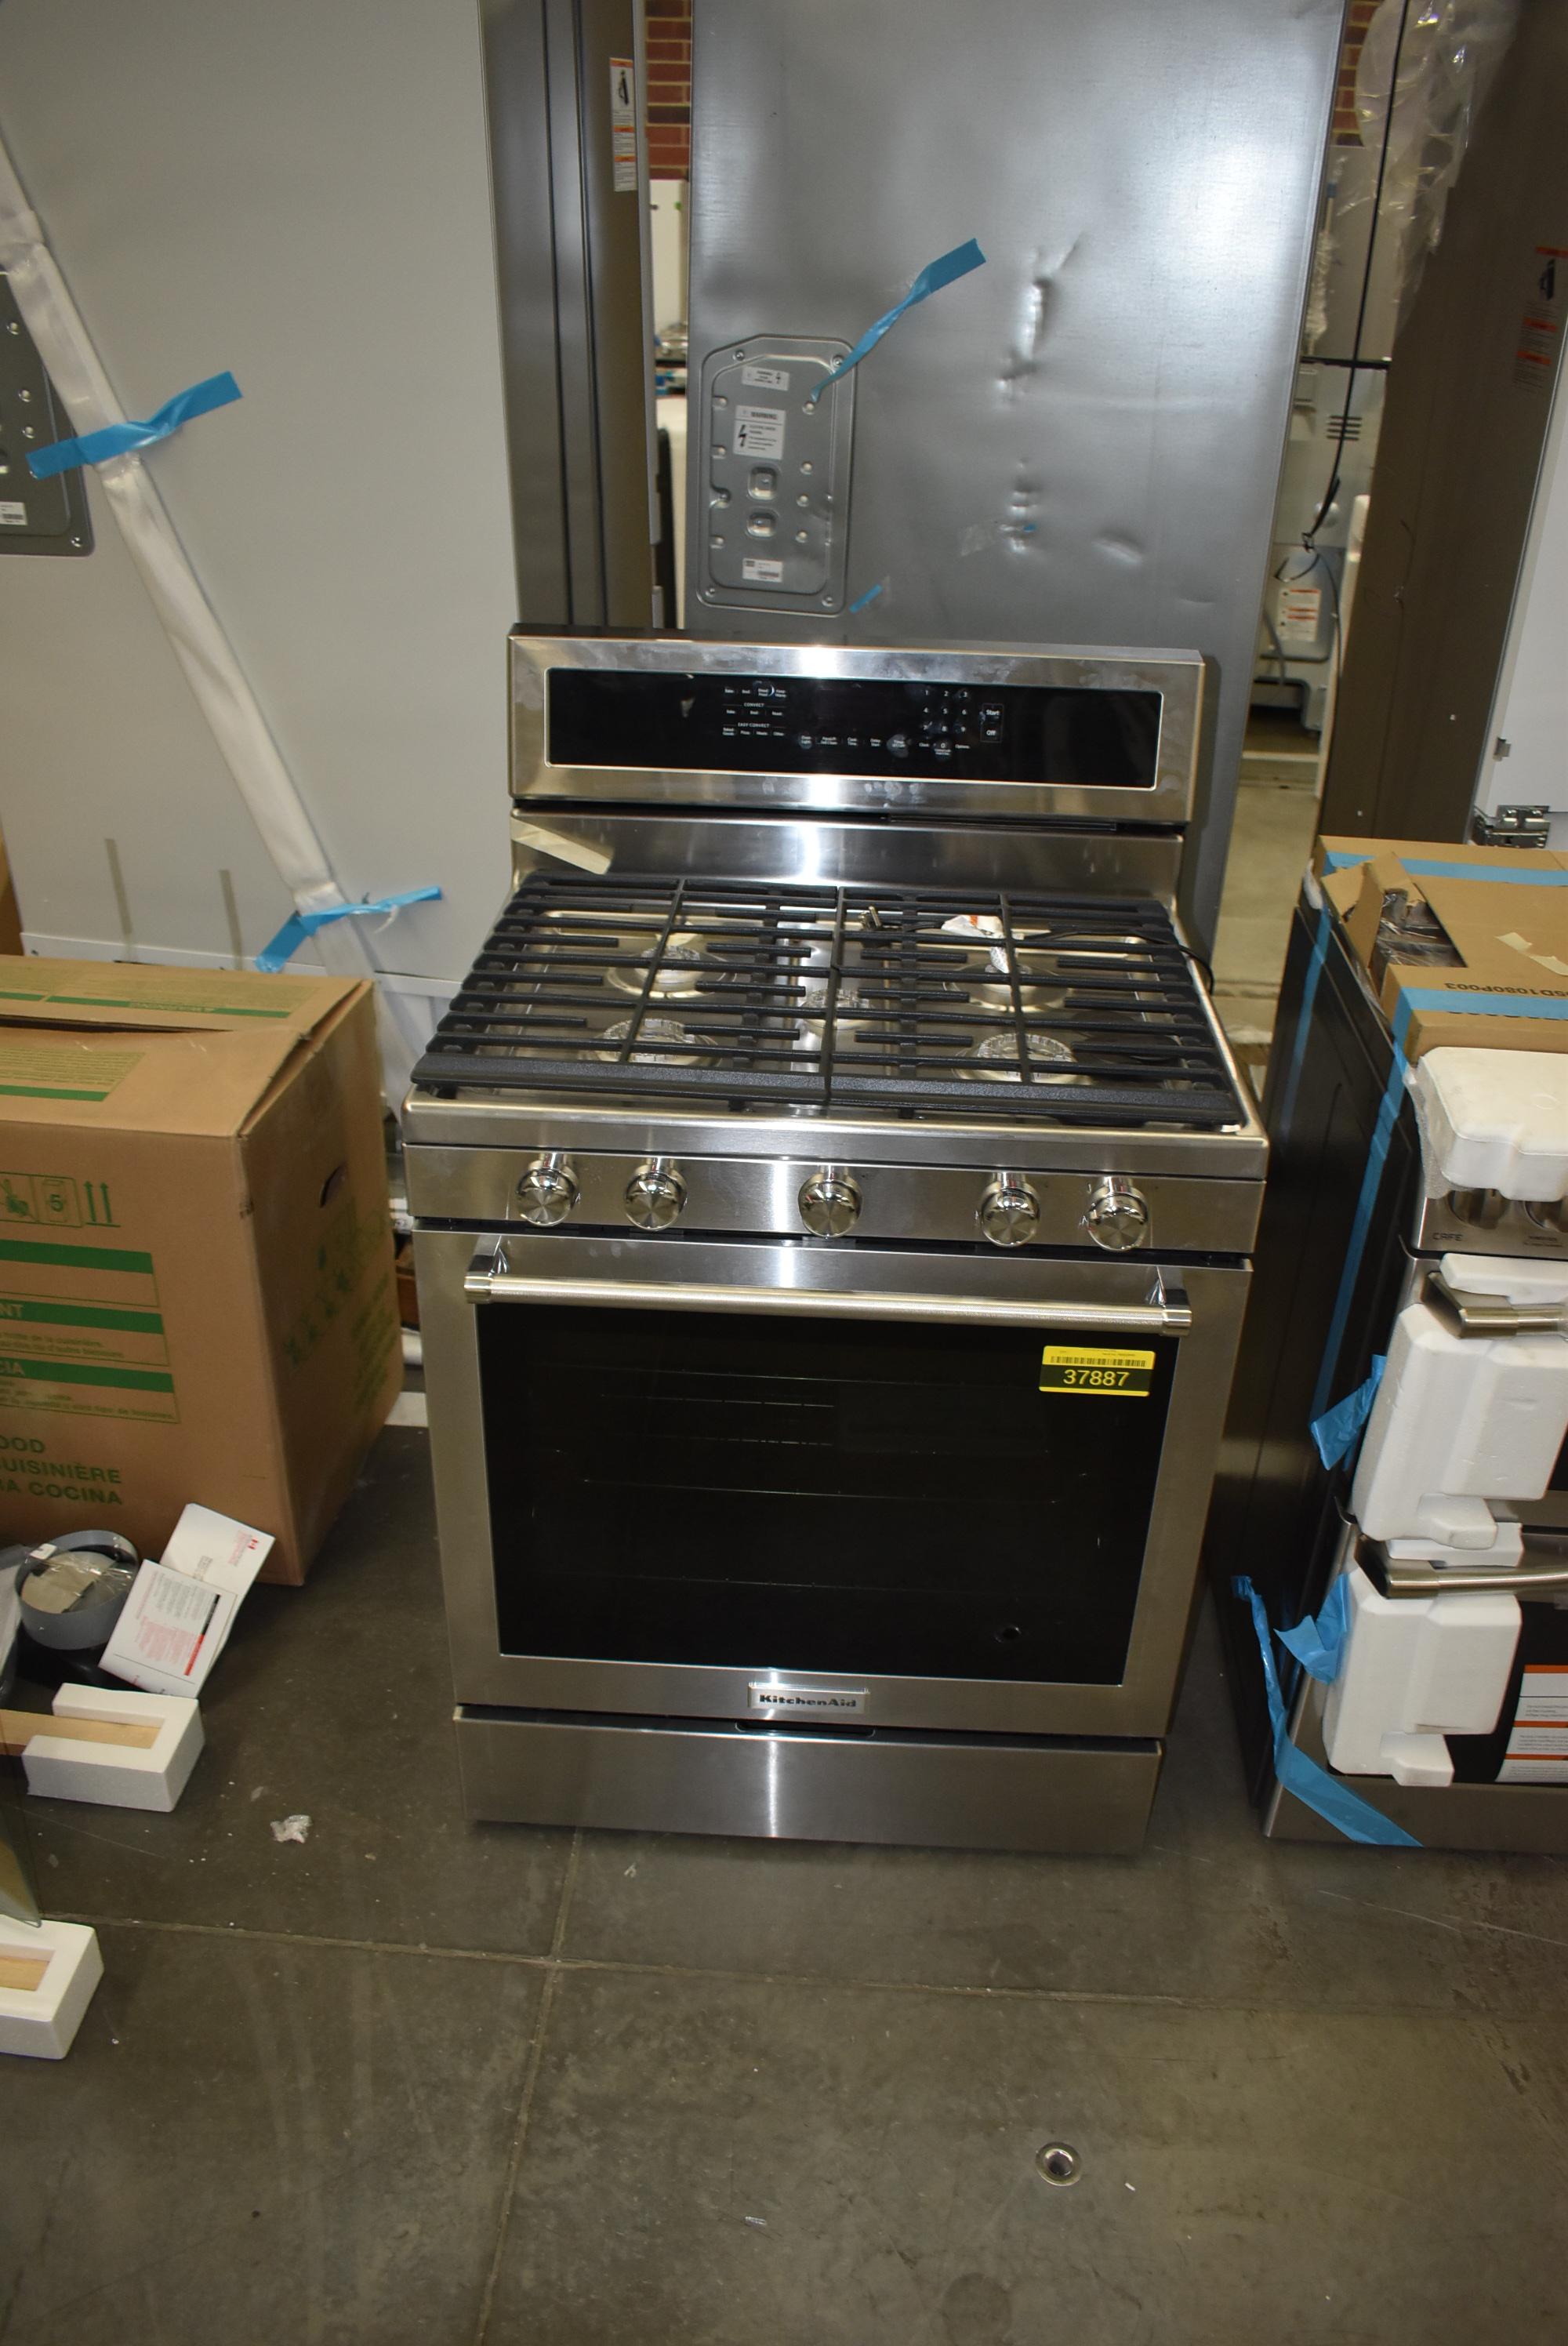 KitchenAid KFGG500ESS 30